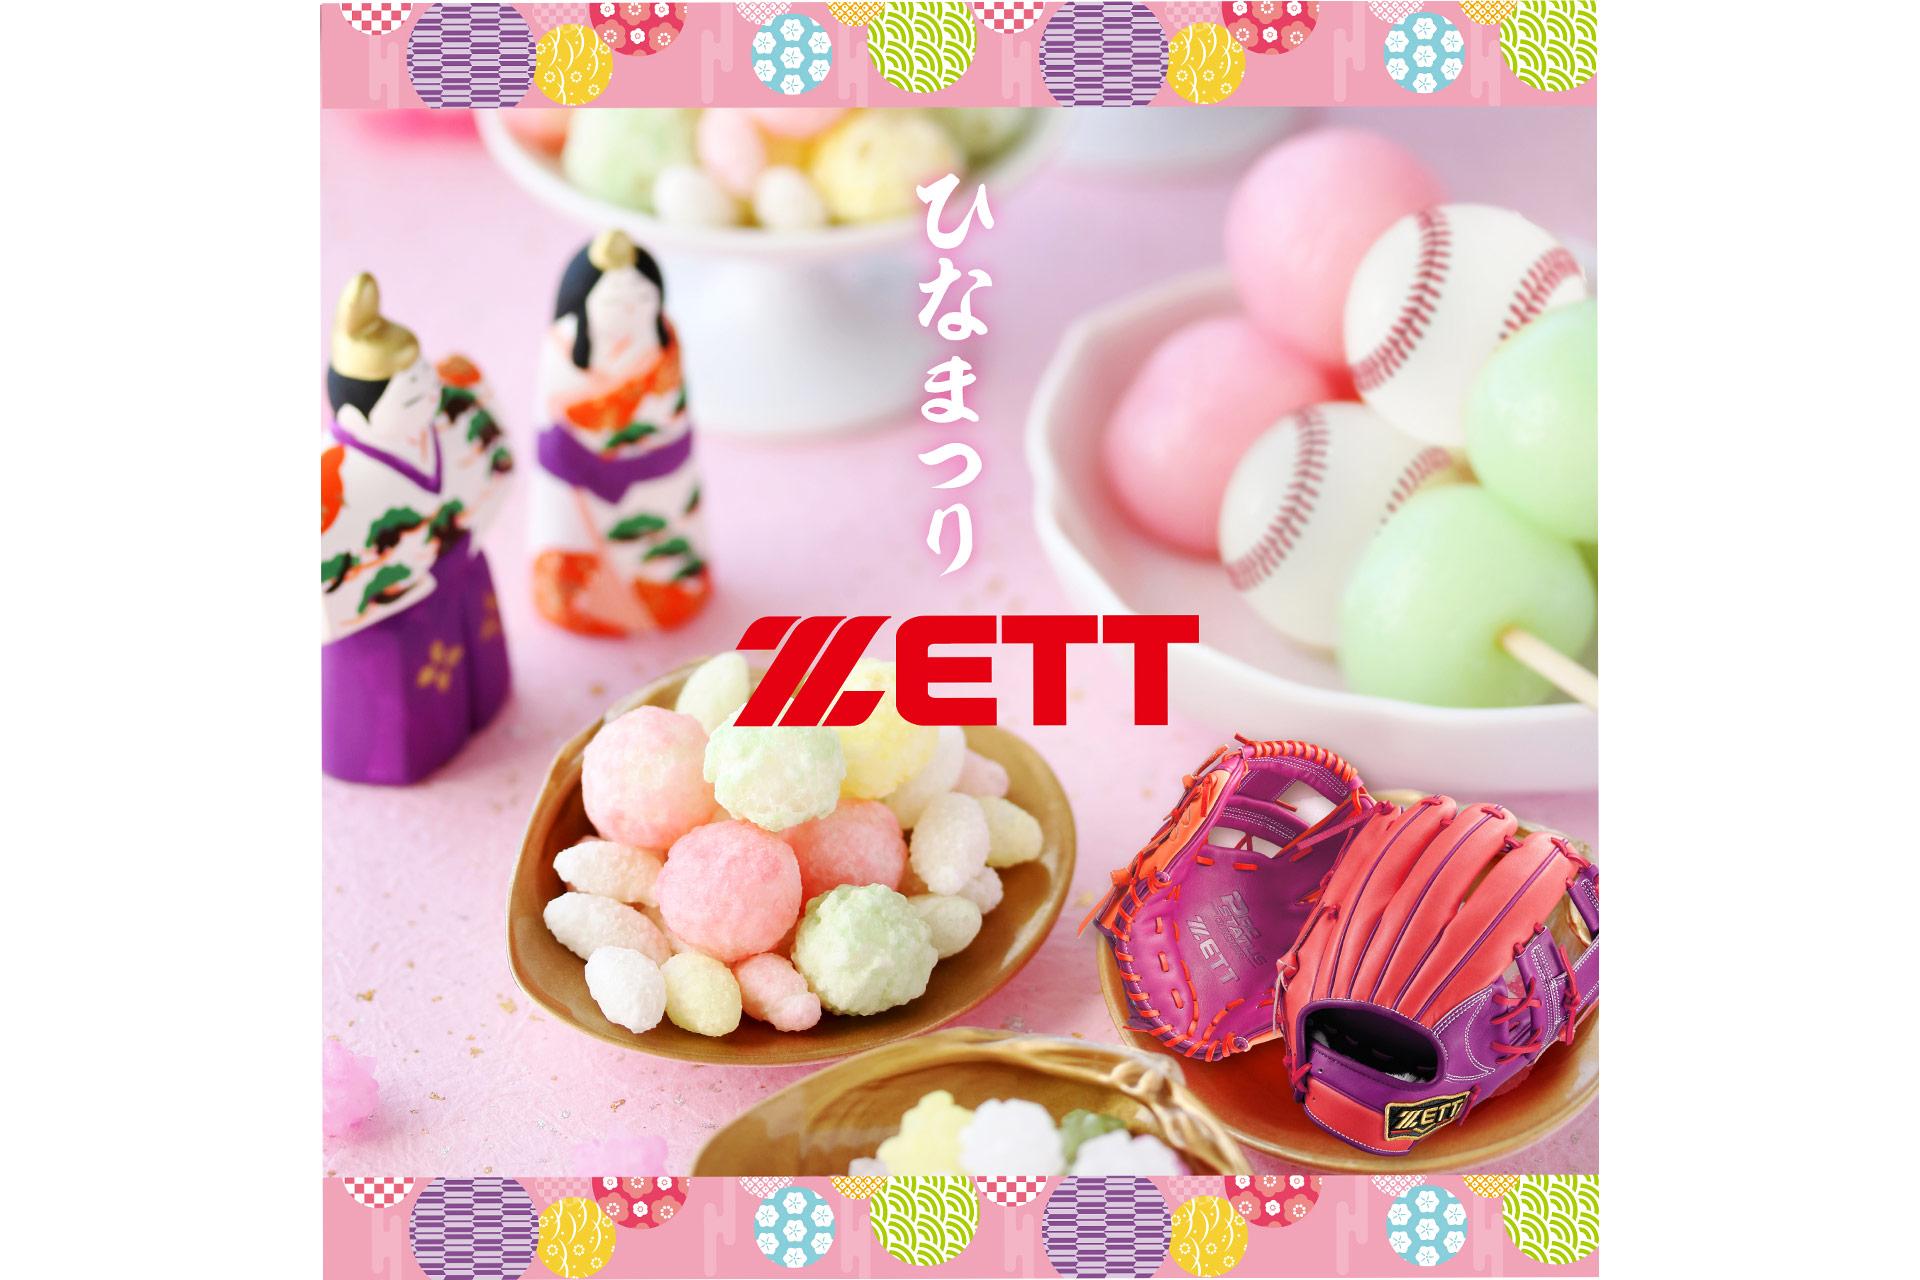 zett_04